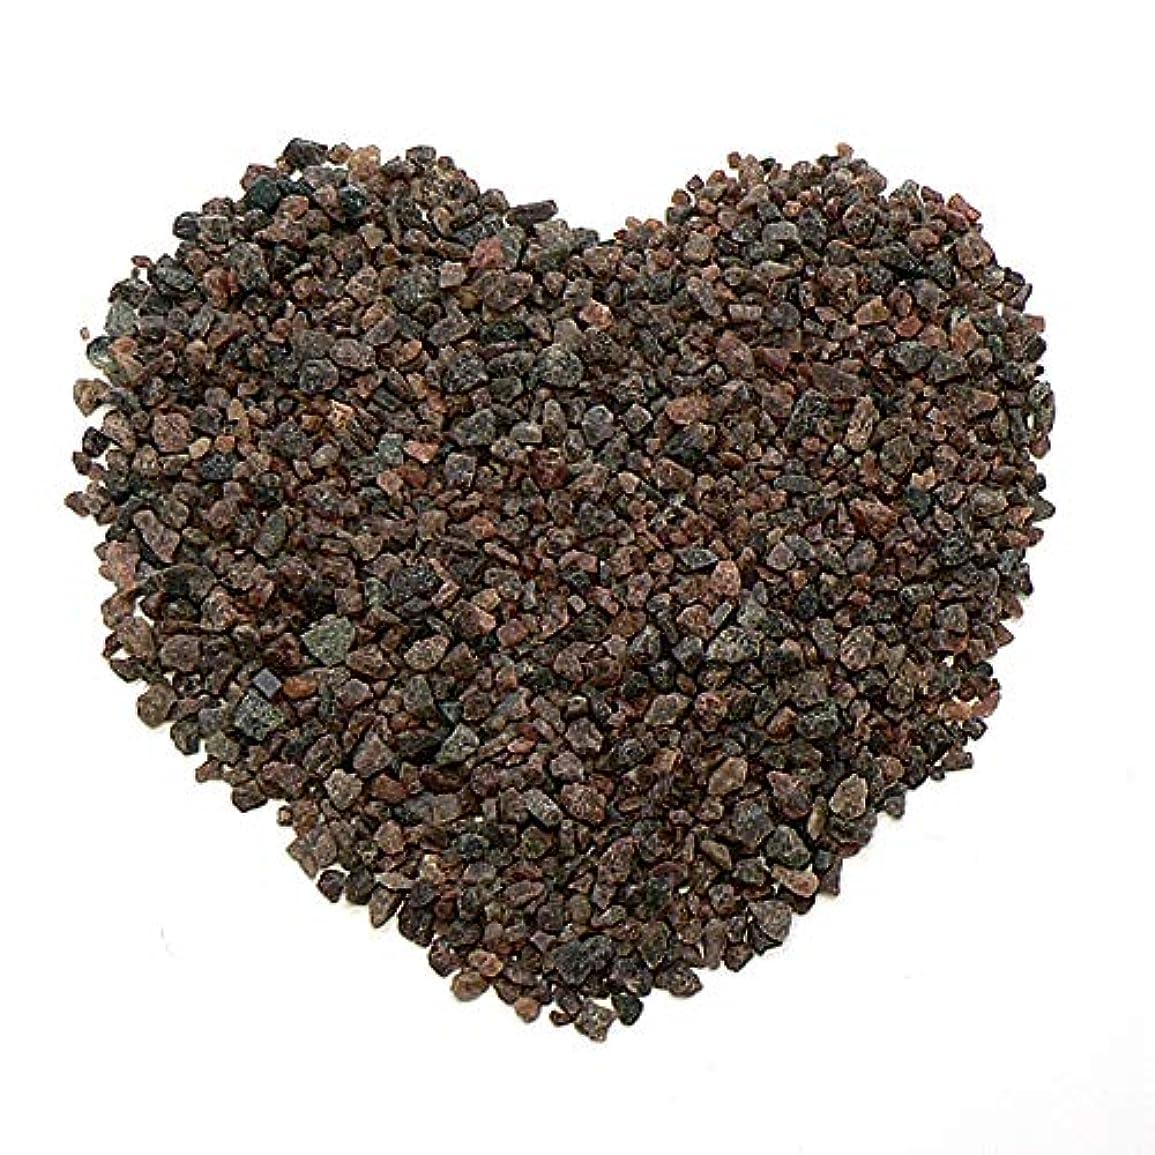 直径格差平和なヒマラヤ岩塩 ブラックソルト 入浴用 バスソルト(小粒)2kg 黒岩塩 ブラック岩塩